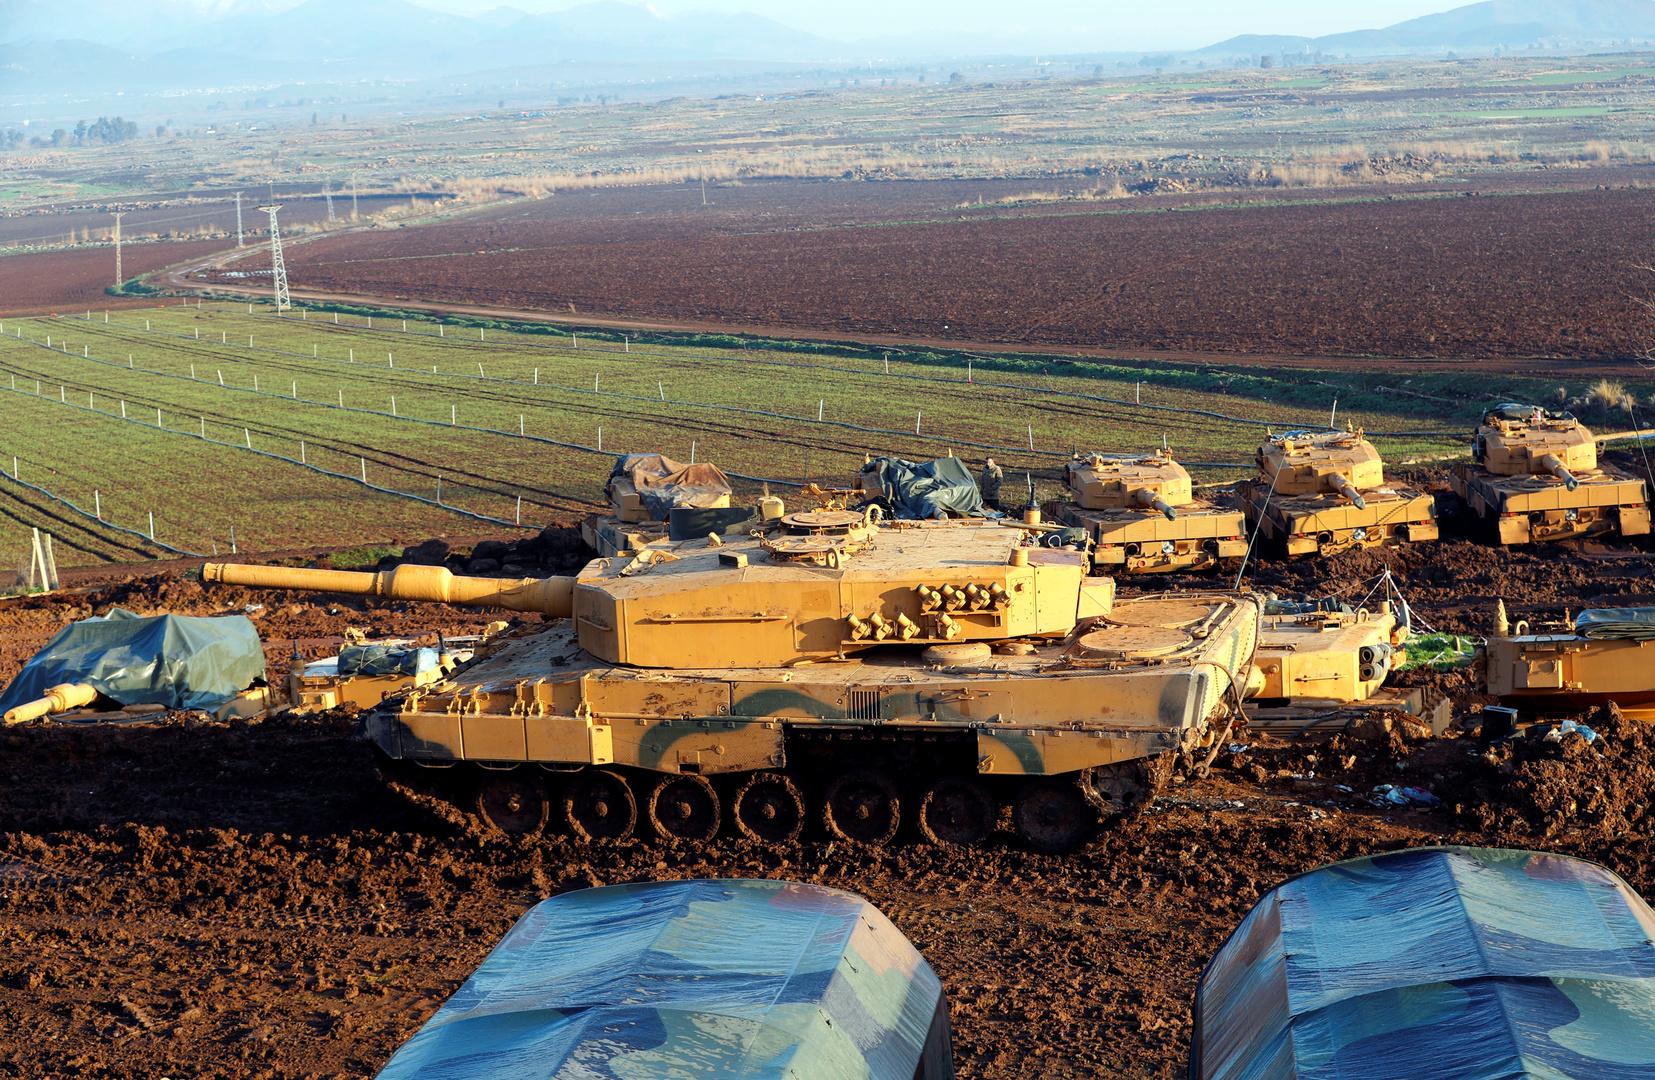 فصائل سورية مدعومة من تركيا تشن هجوما على بلدة شمالي الرقة و